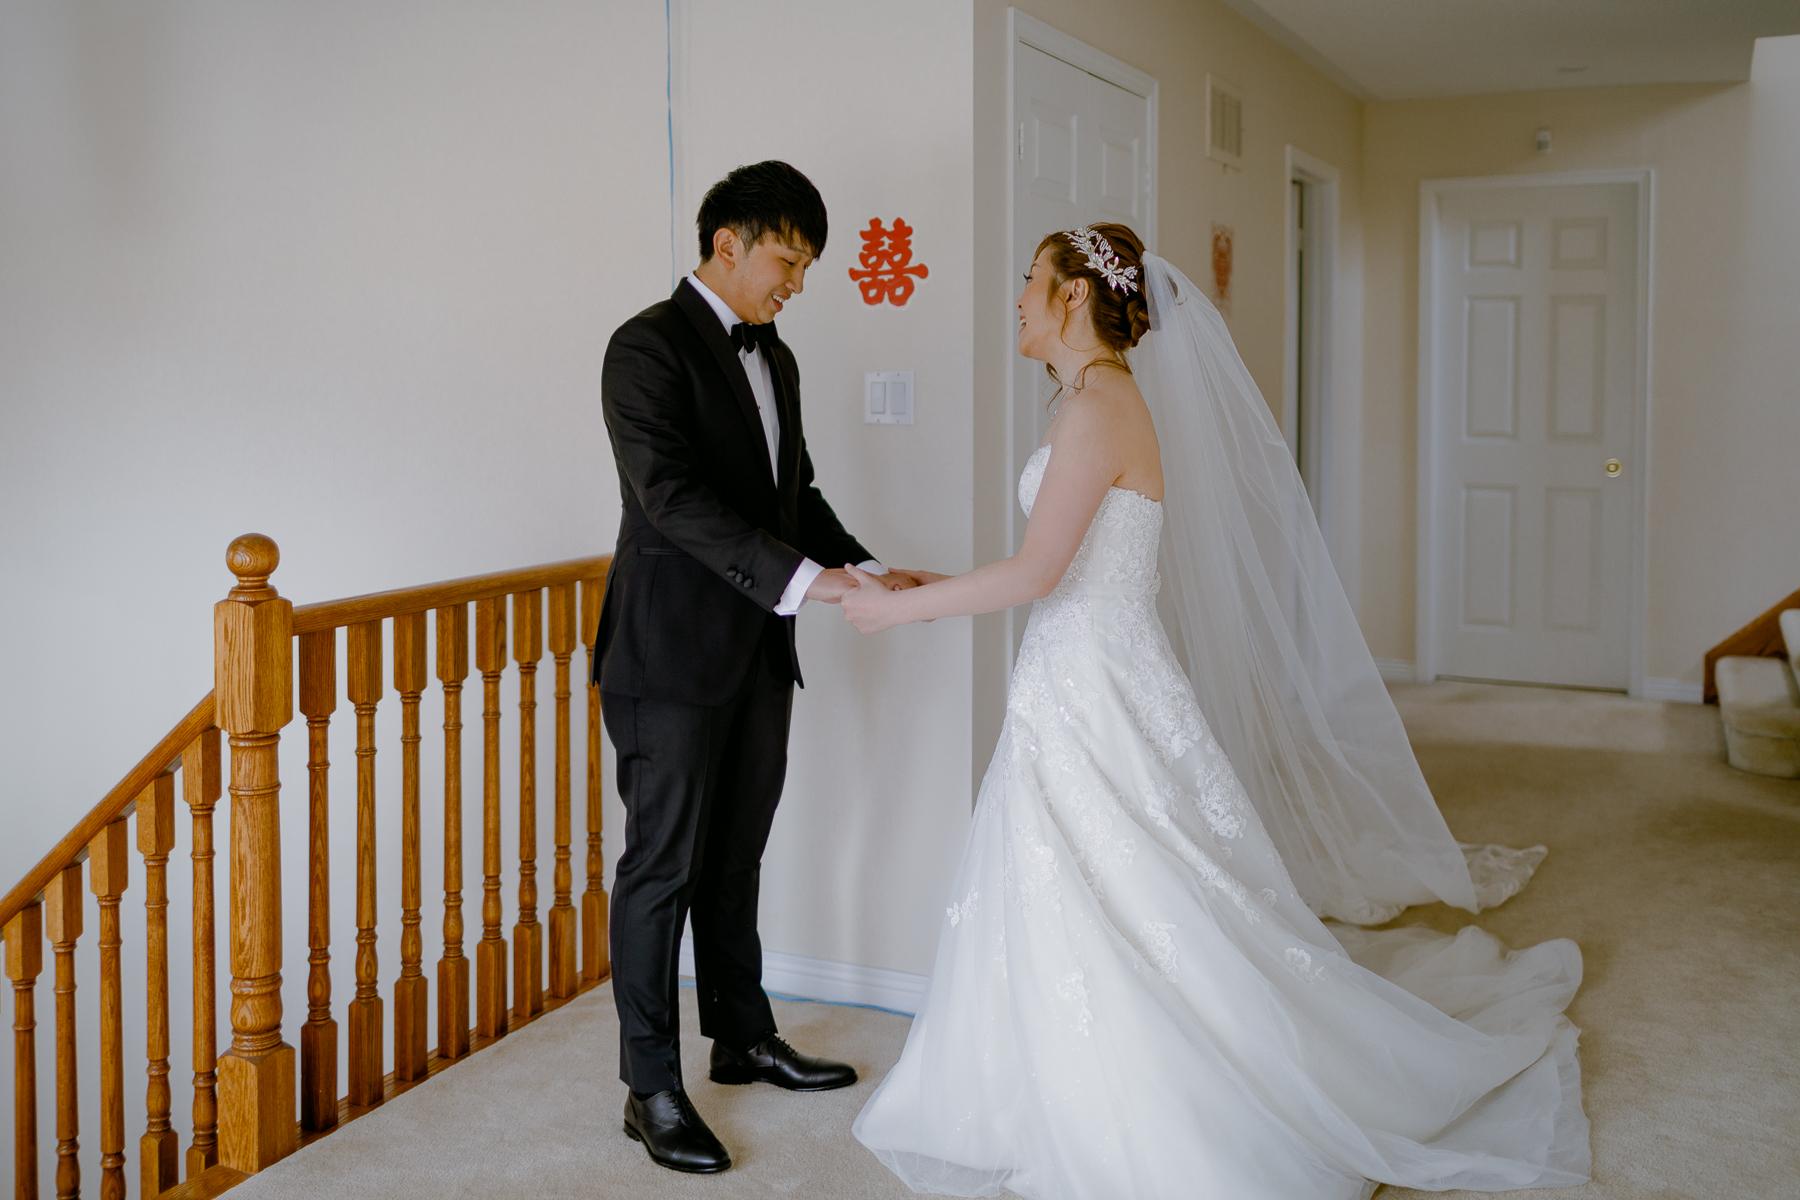 markham-wedding-photography-markham-museum-wedding 0011.jpg